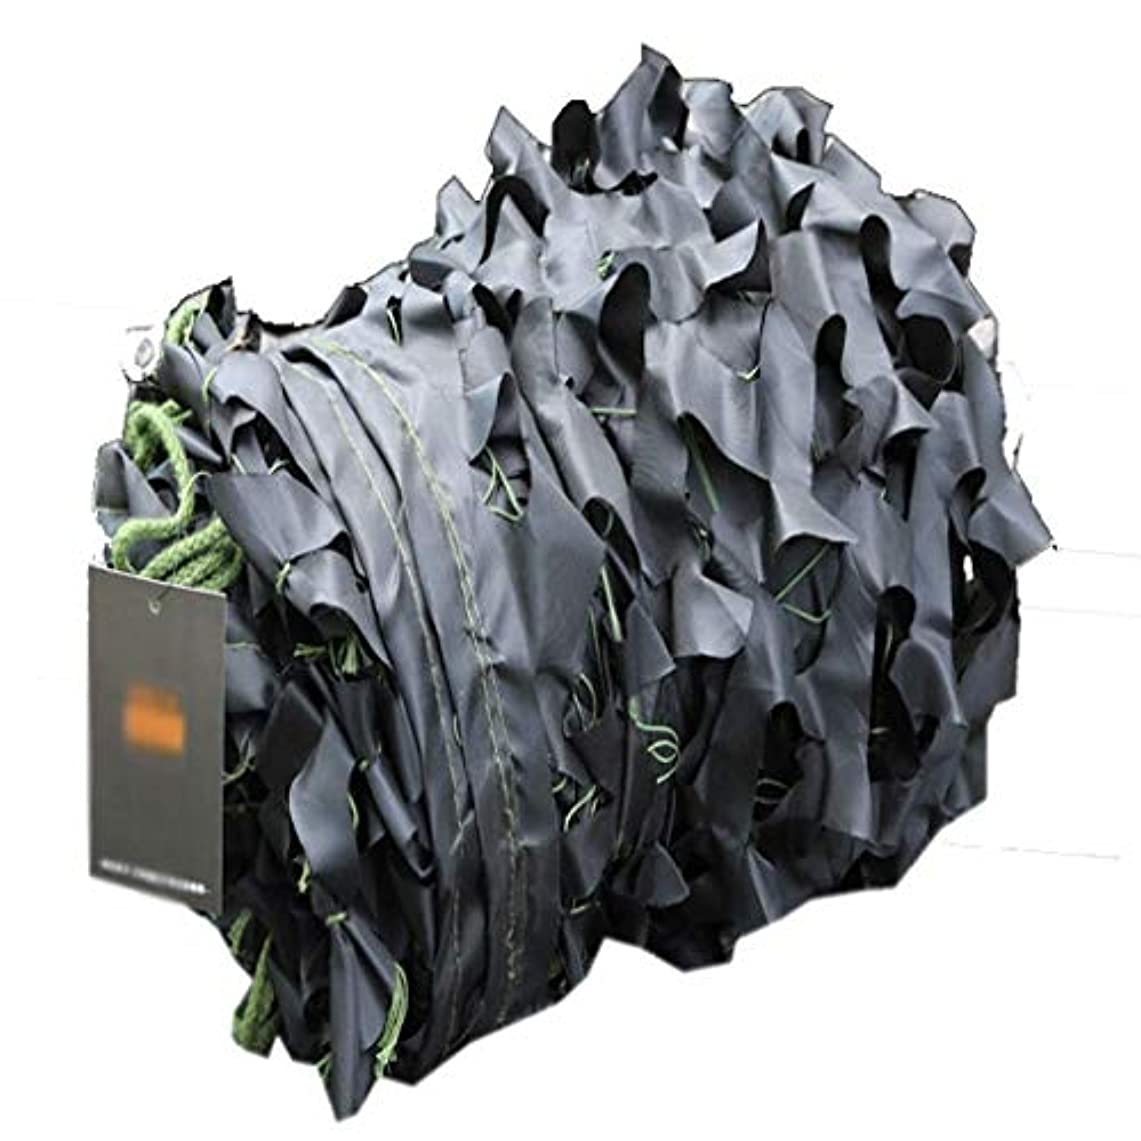 ハイランドエンドウ環境に優しいマウンテンモード迷彩ネット丈夫な日焼け止め断熱材日よけ断熱ネットワーク迷彩ネットワークマルチサイズオプション(サイズ:4 * 5m) (サイズ さいず : 4*5m)